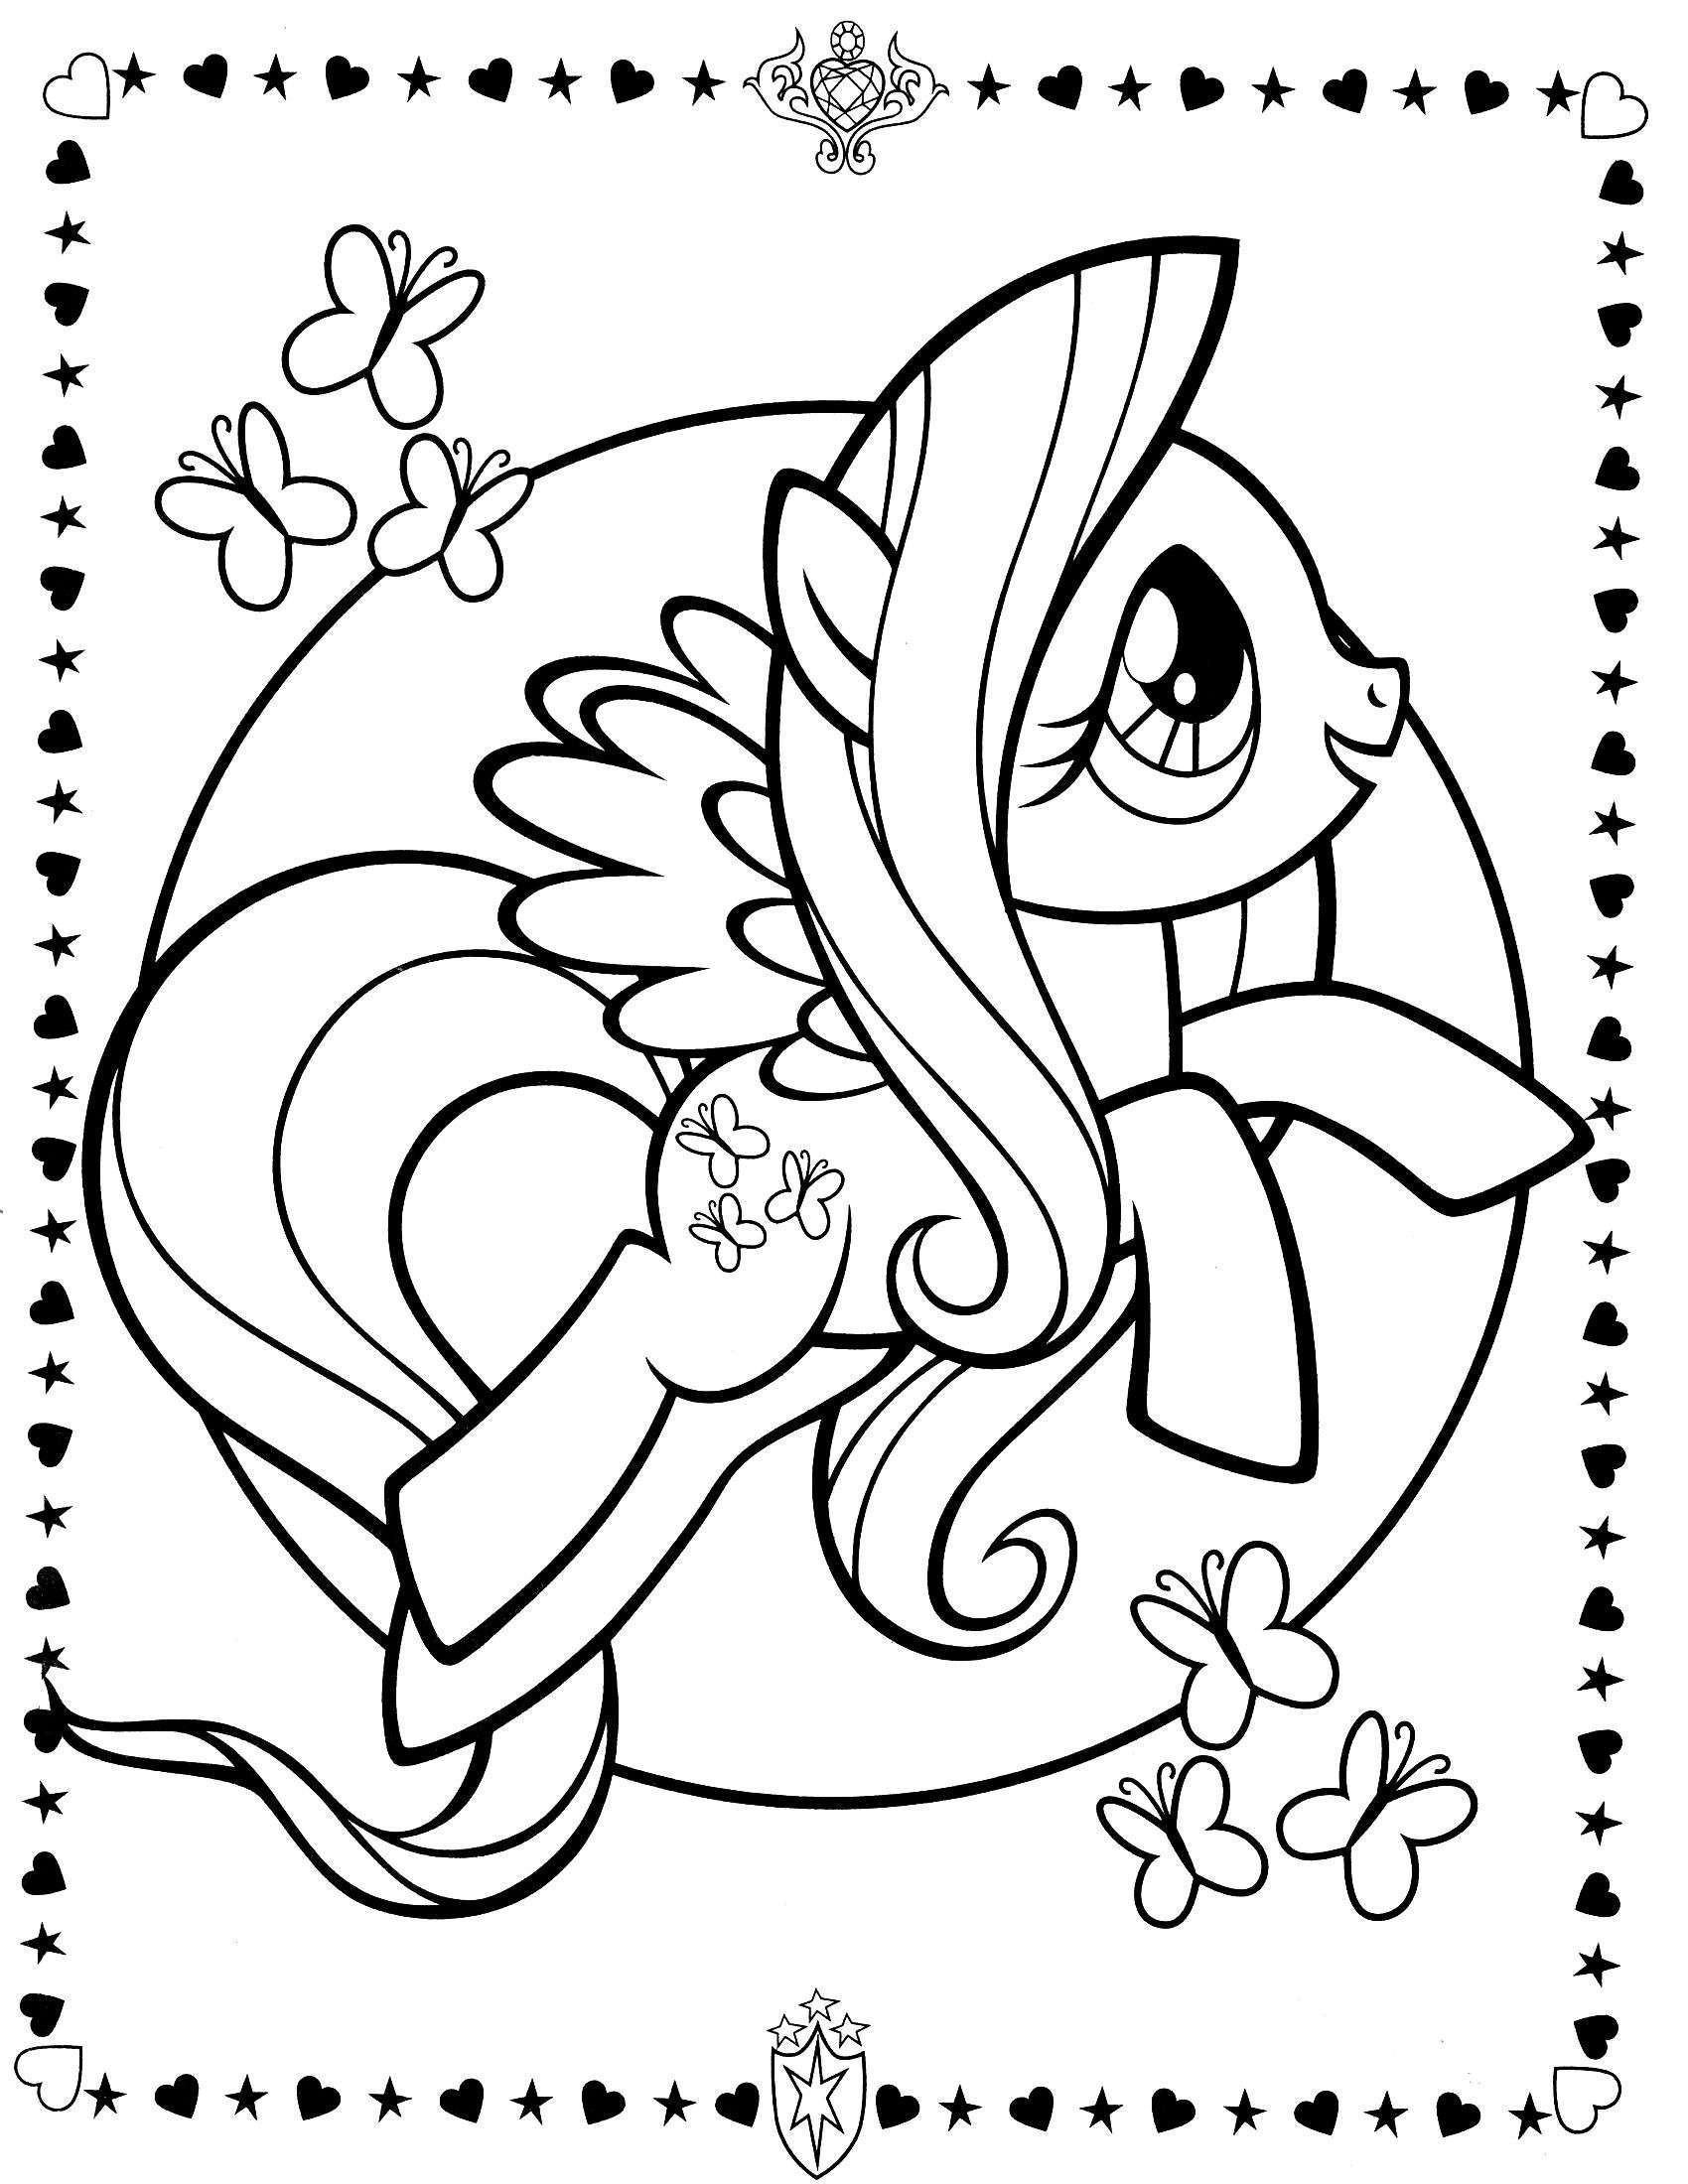 Rainbow Dash Ausmalbilder Frisch My Little Pony Ausmalbilder Inspirierend Equestria Girl Ausmalbilder Das Bild